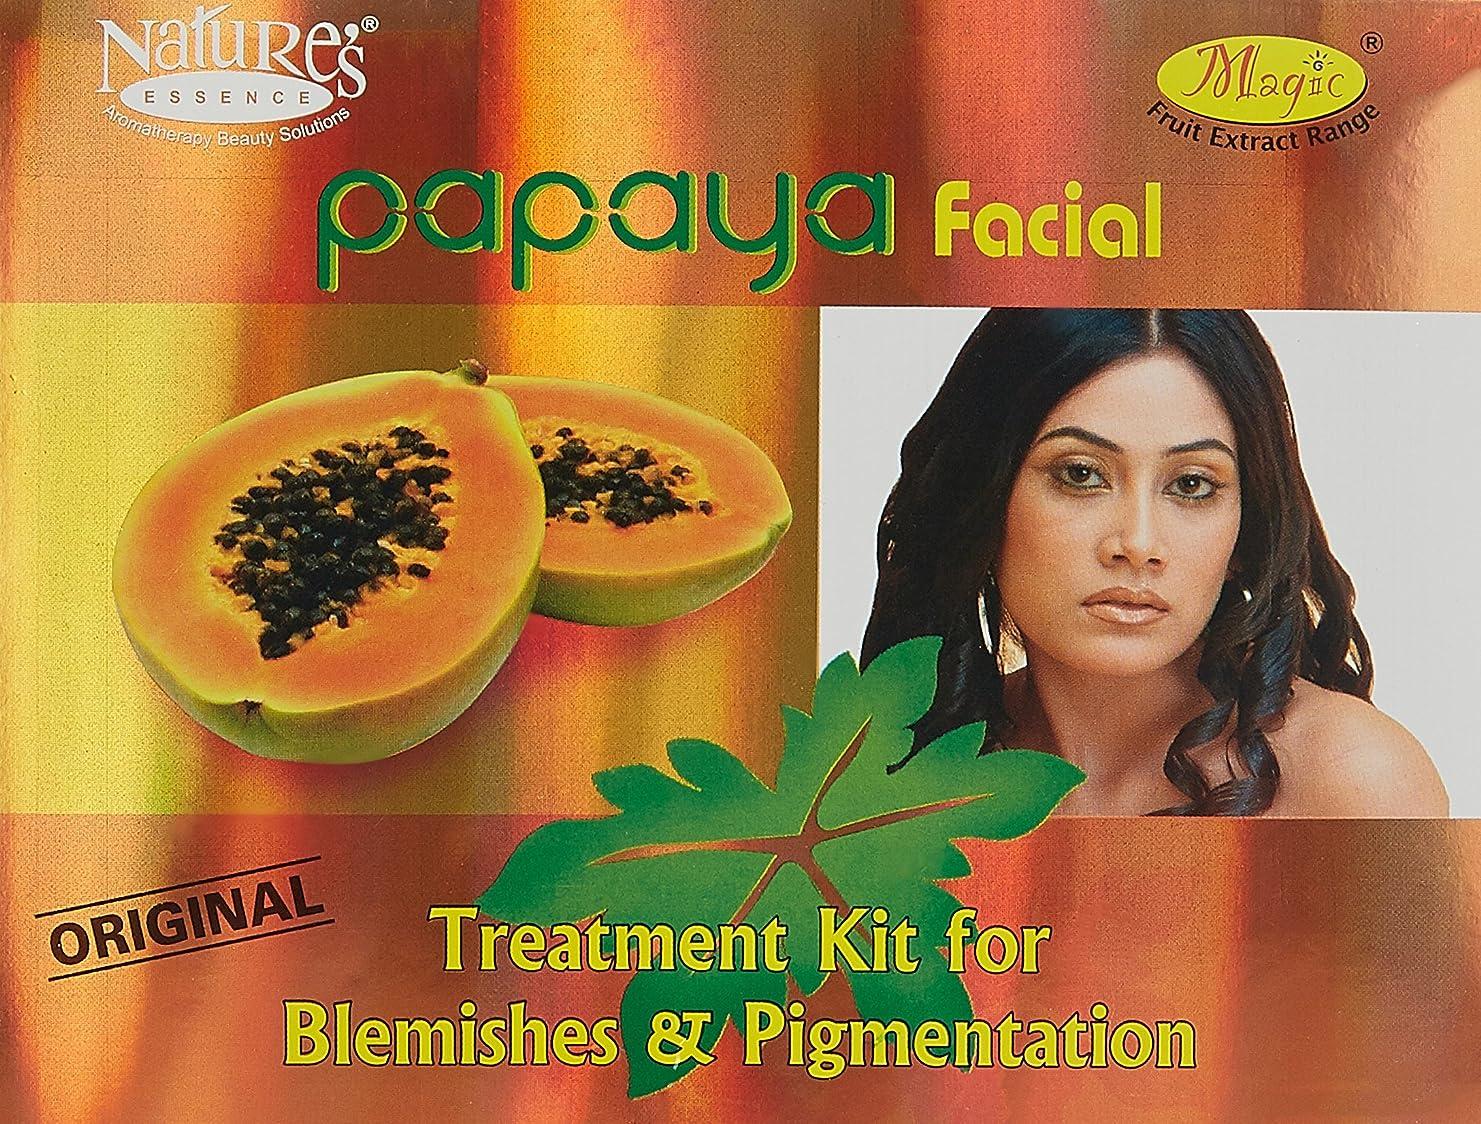 排泄物ハンカチ線自然のエッセンスパパイヤフェイシャルキットシミ·色素沈着1キットNature's Essence Papaya Facial Kit Blemishes & Pigmentation 1 Kit